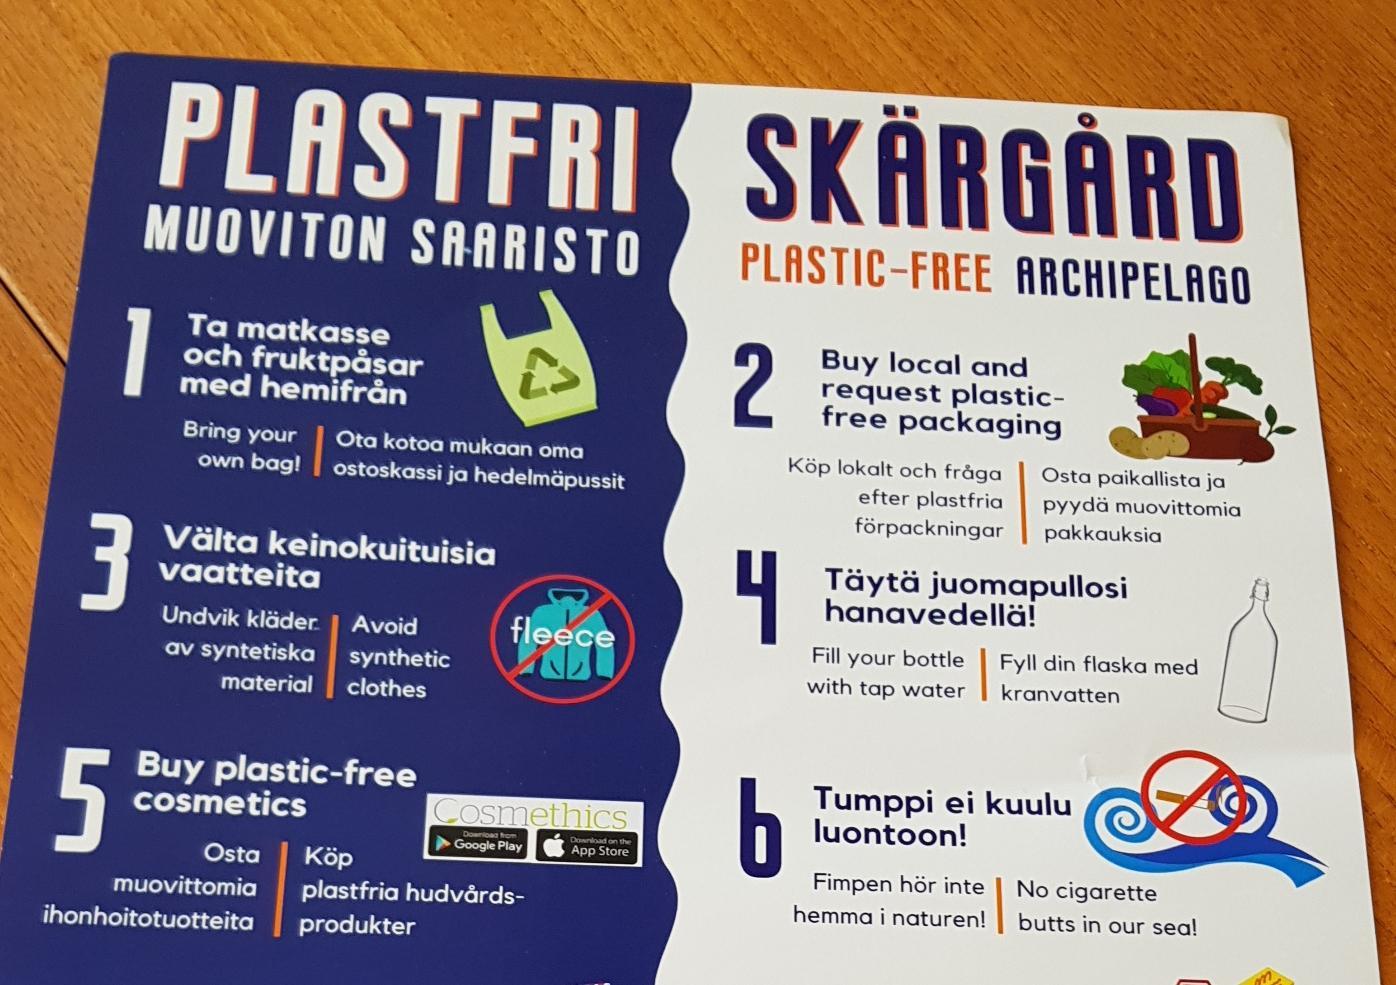 plasch som berättar om åtgärder för att hålla skärgården plastfri, till ex att använda matkasse istället för plastpåse, inte använda engångsplastflaskor, och så vidare